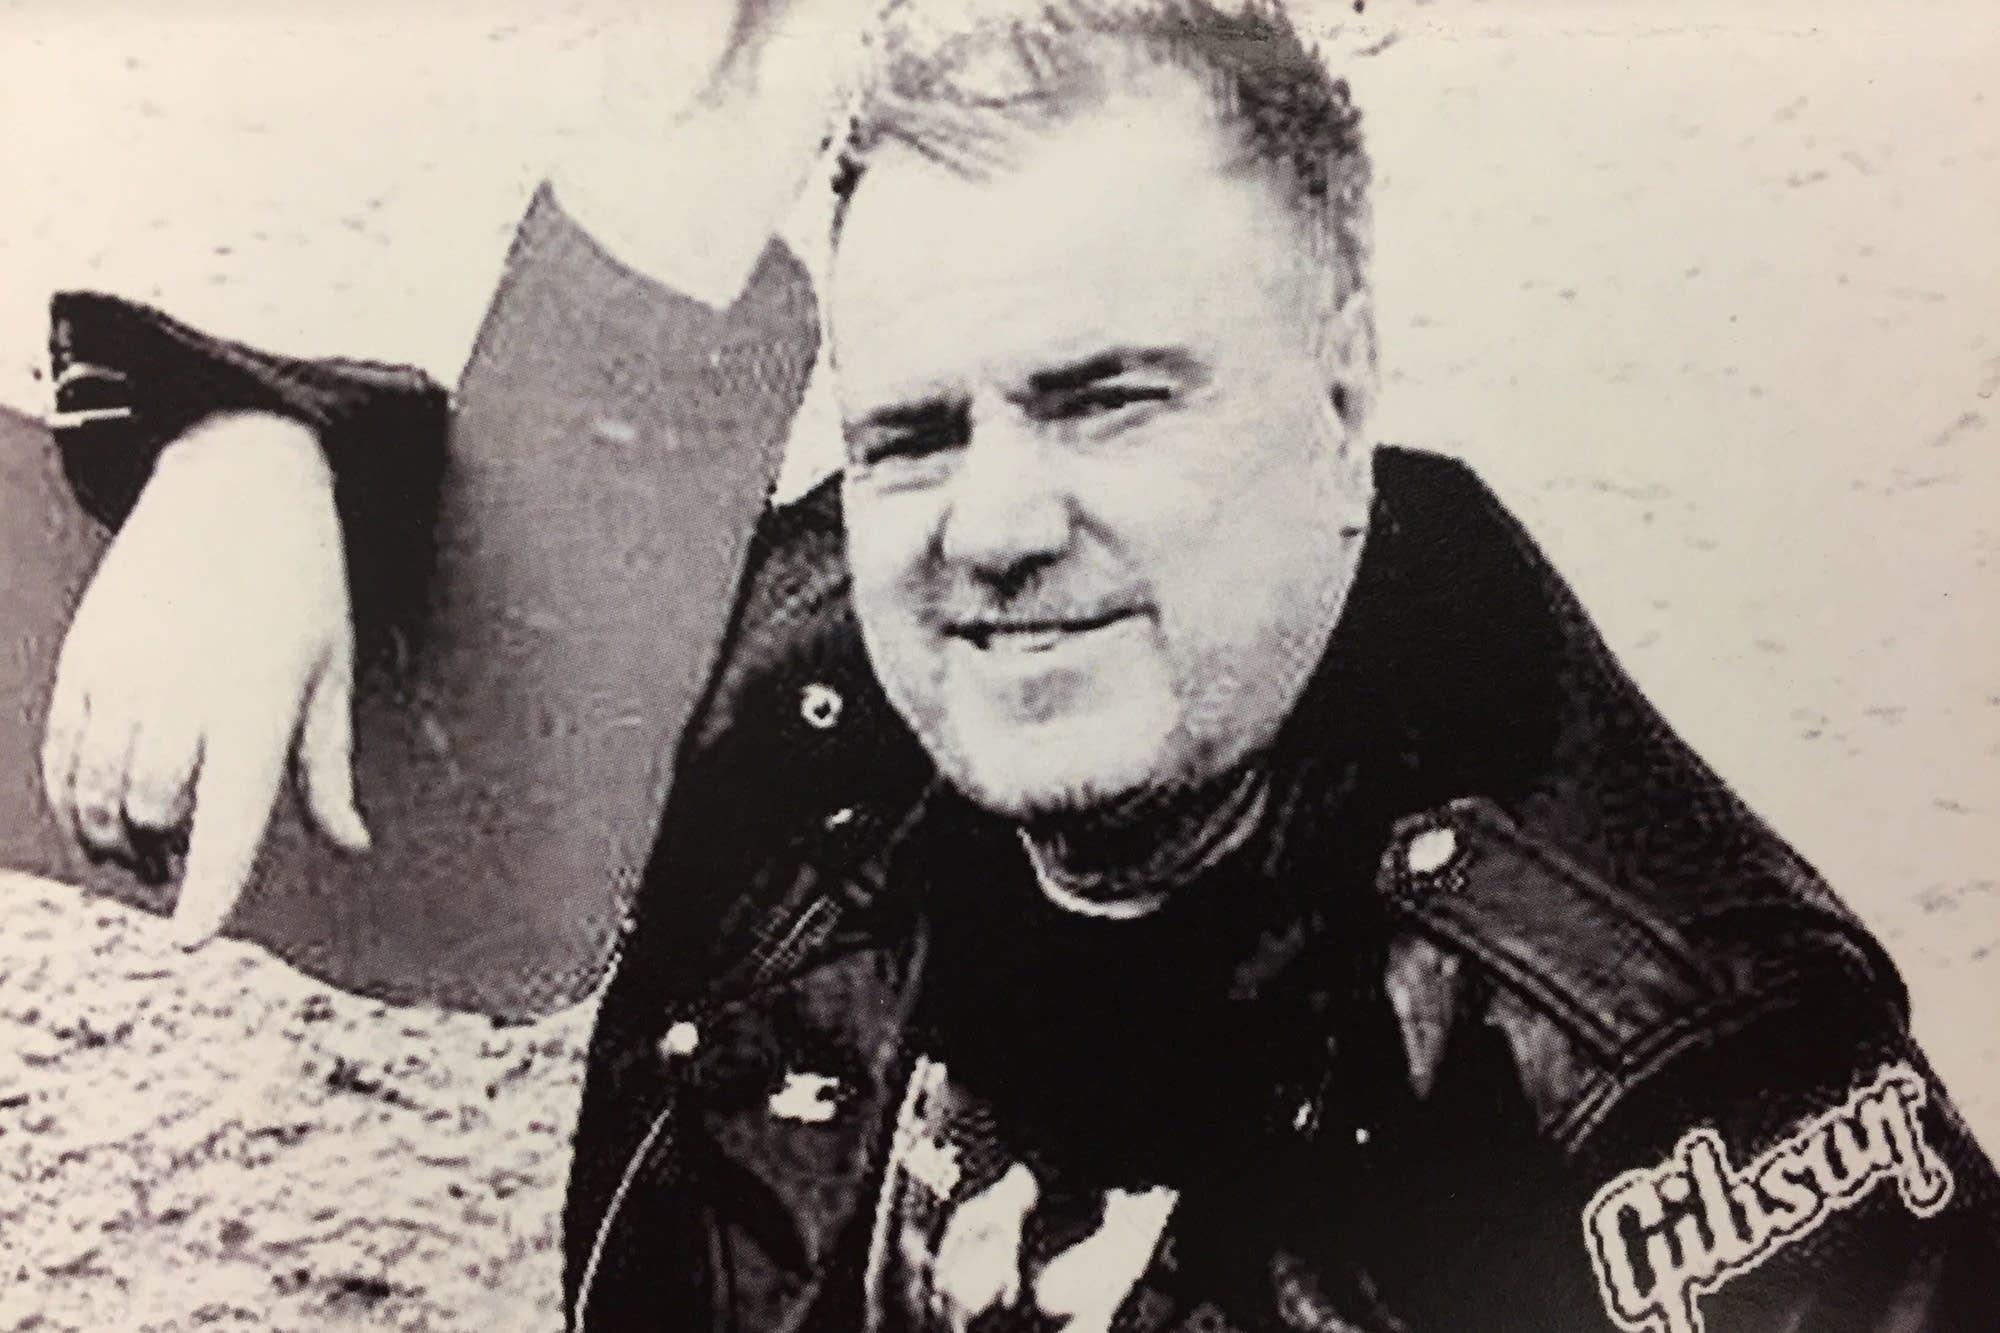 Henry Cluney, founding member of Stiff Little Fingers